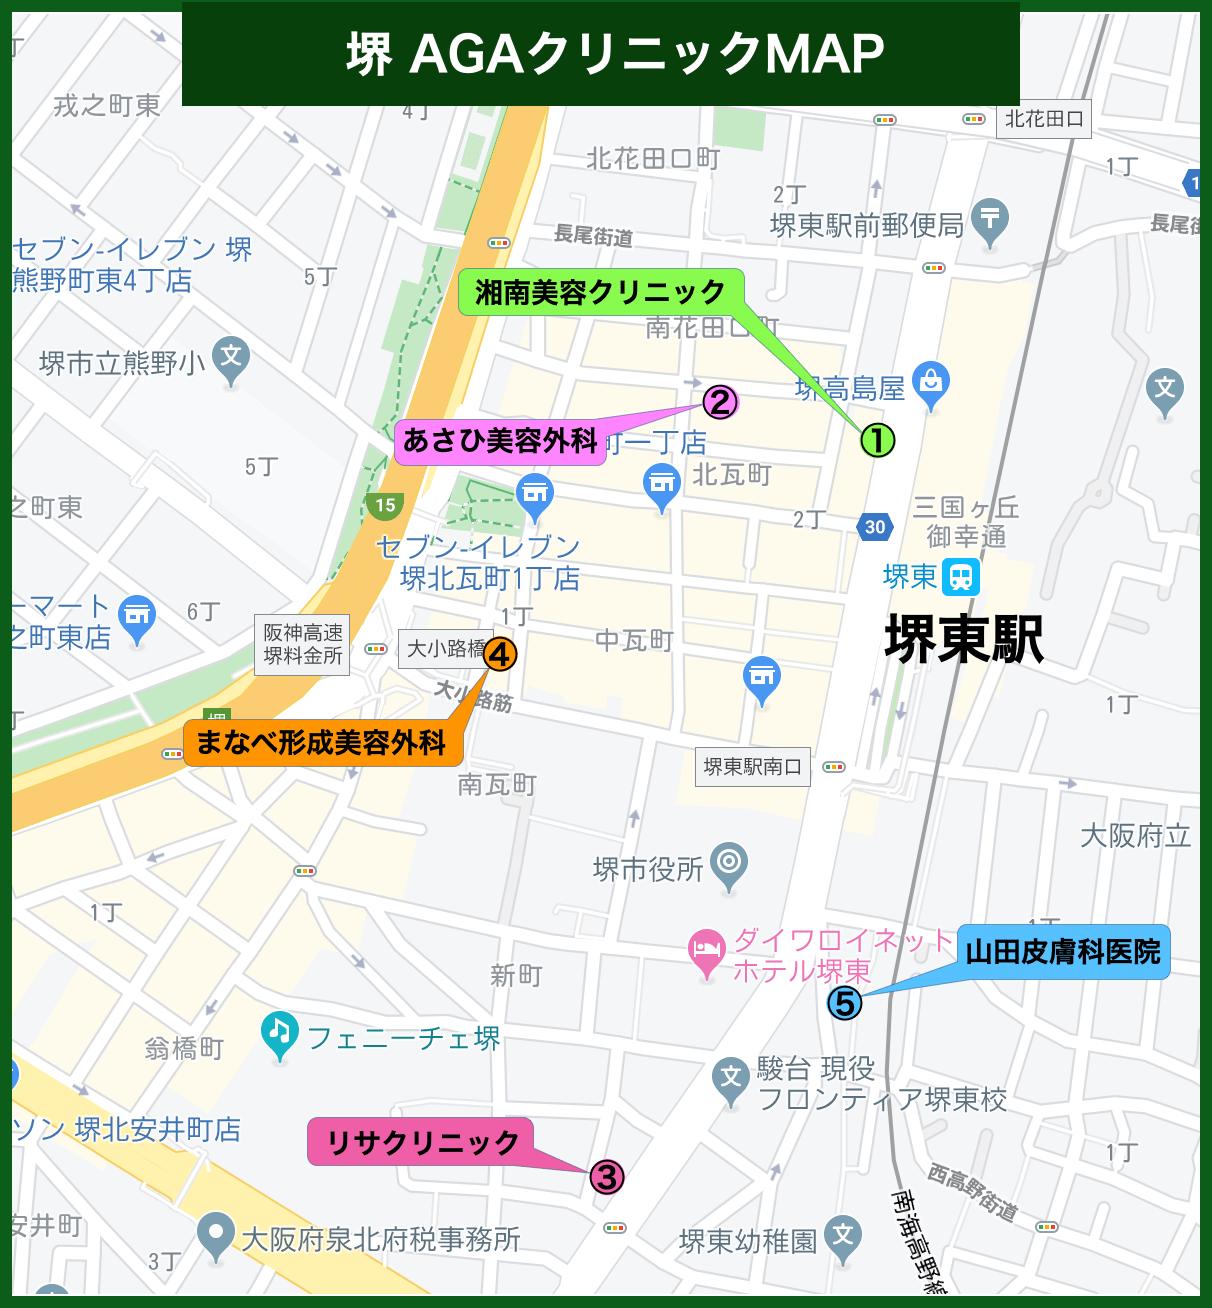 堺 AGAクリニックMAP